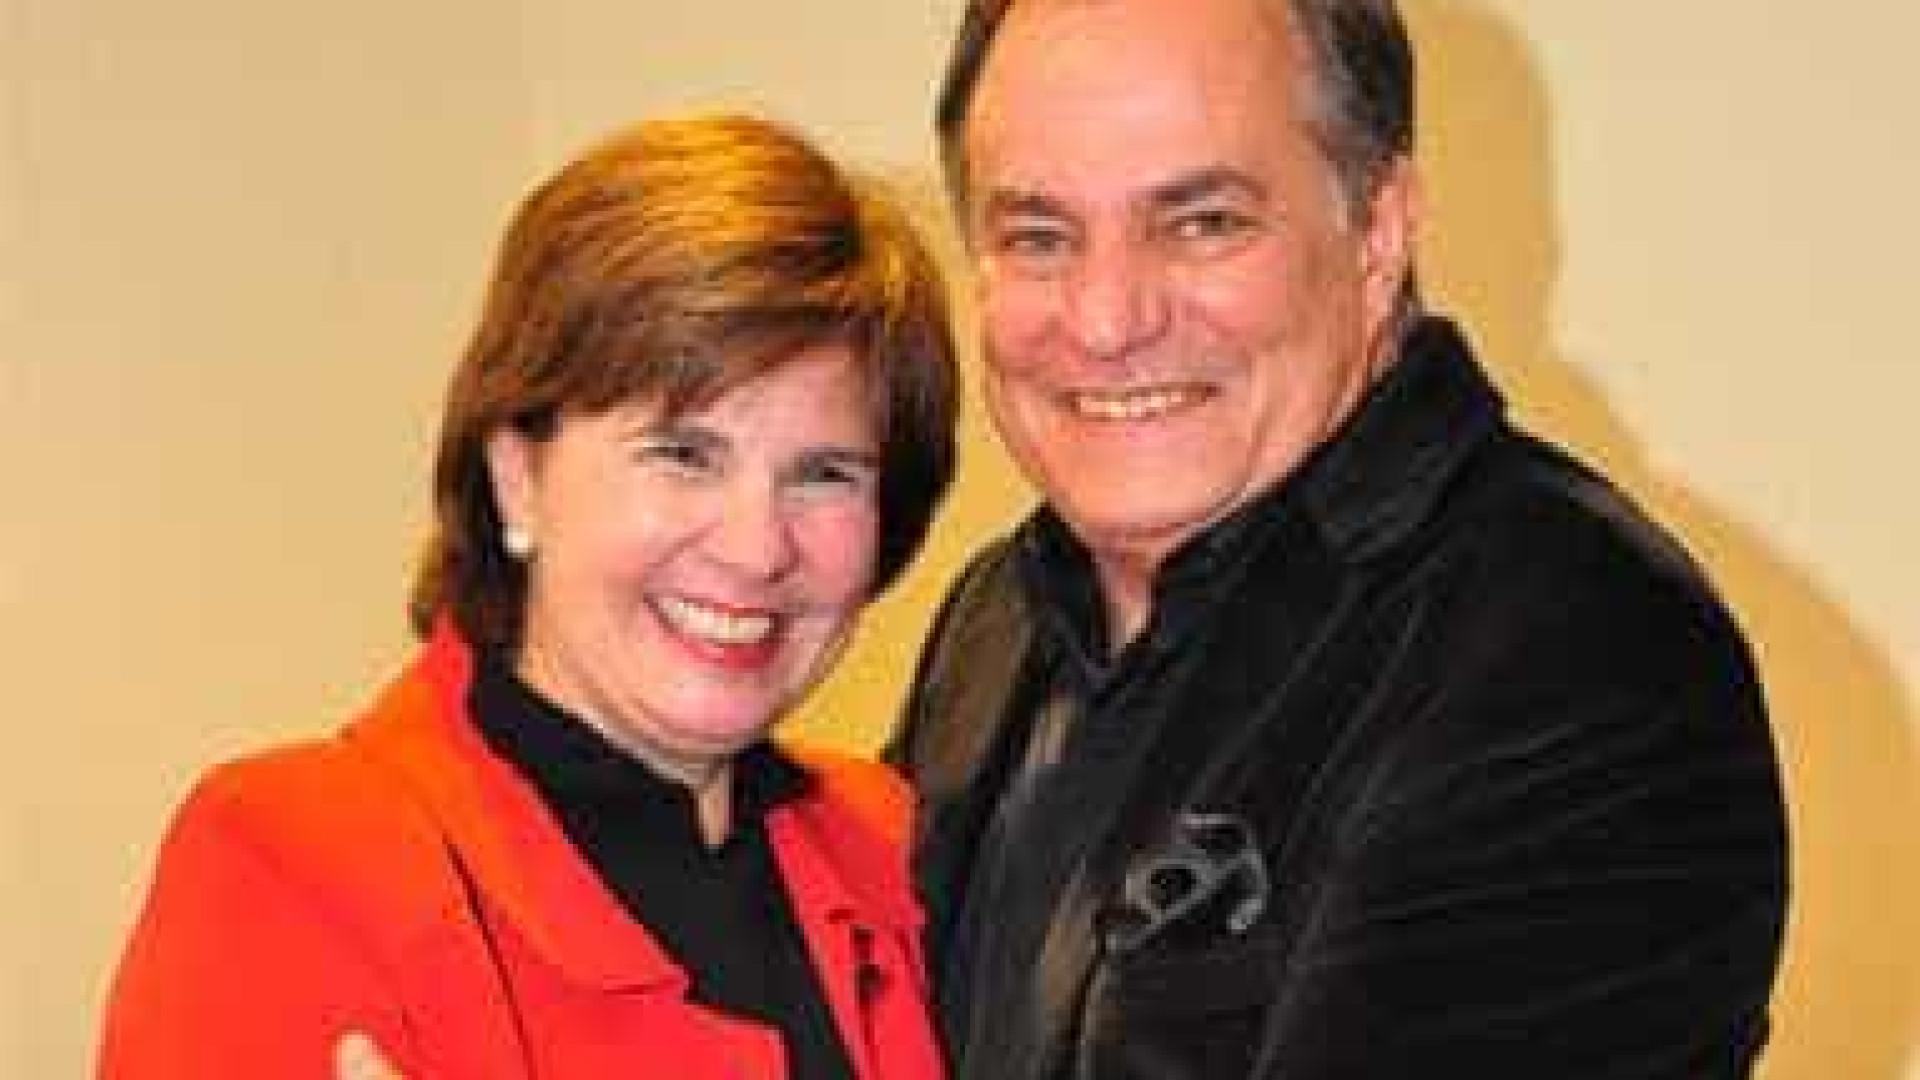 Esposa de Ronnie Von exalta vida íntima  do casal e elogia parceiro